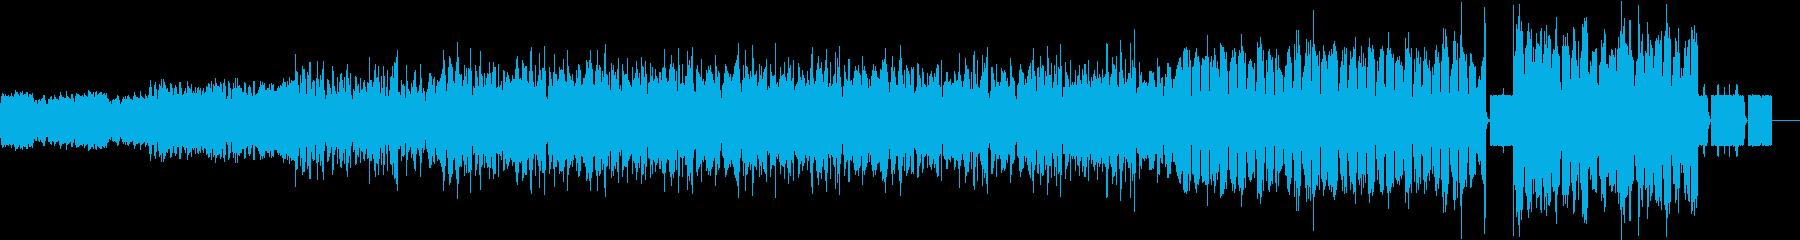 著作権フリーの洋楽を使用したい方にの再生済みの波形